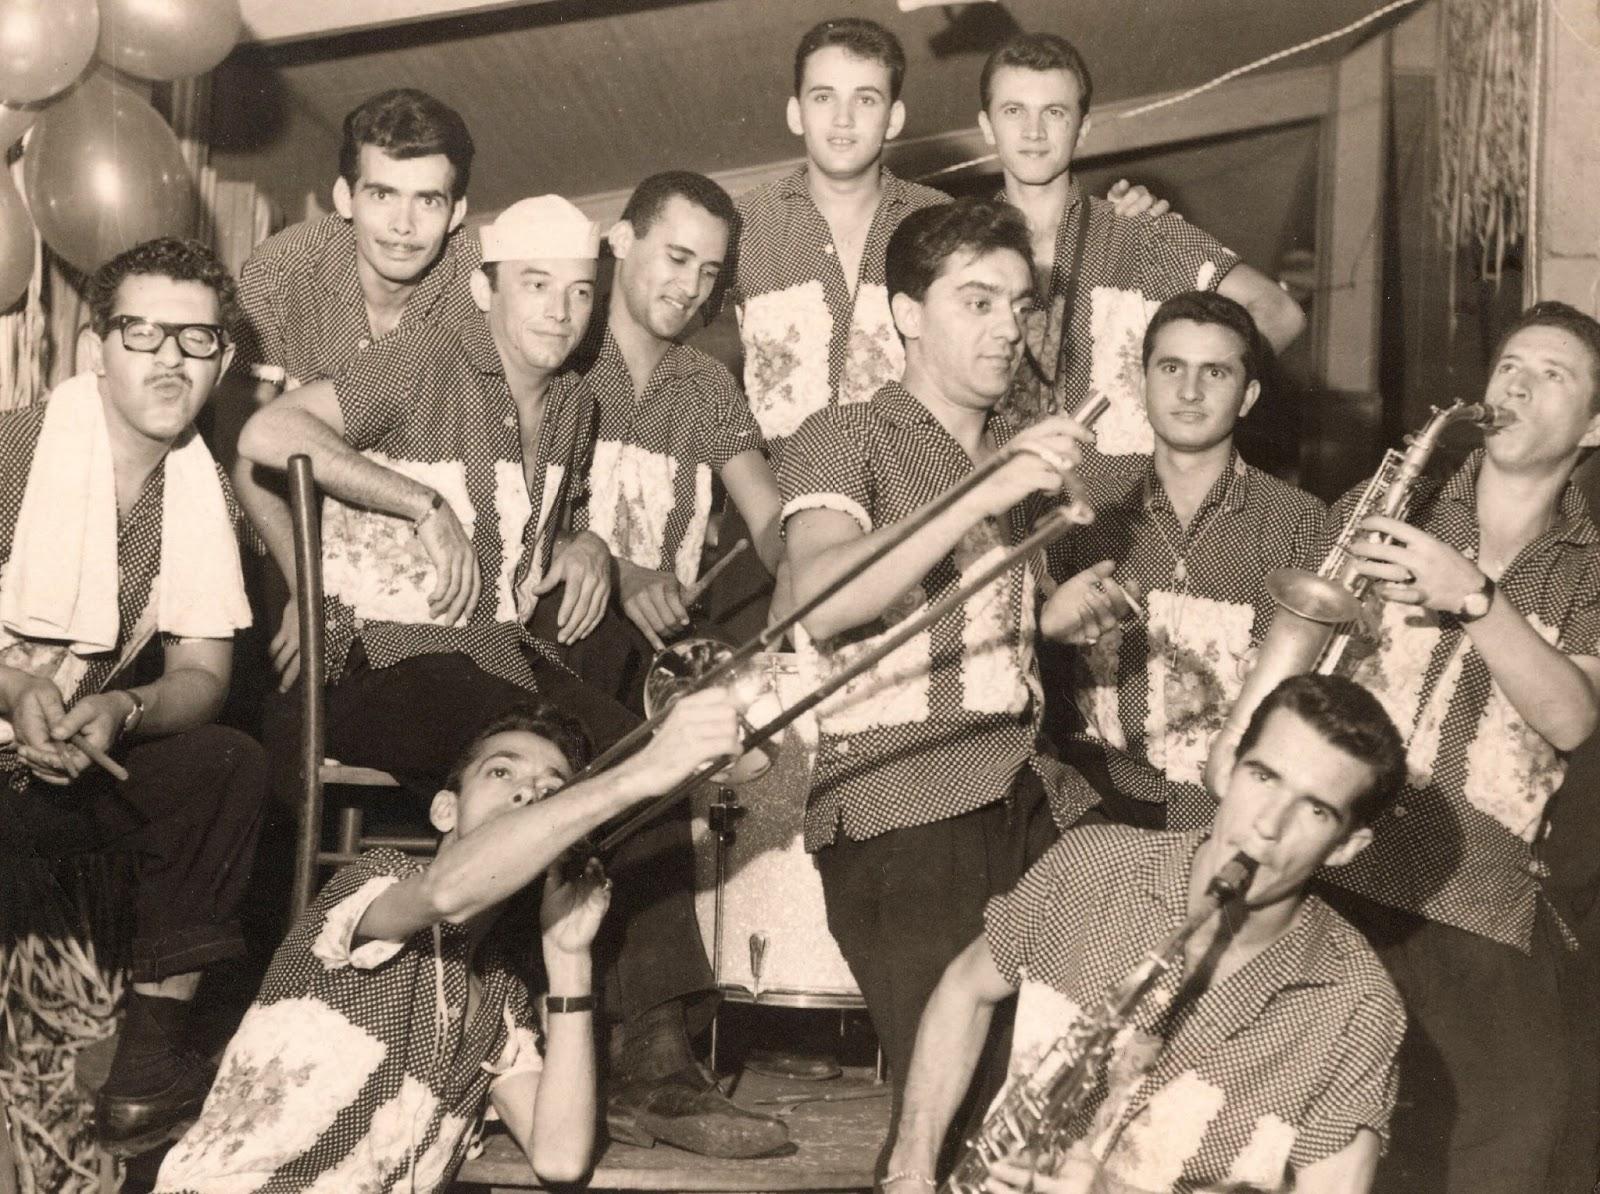 Grupo Anjos da Lua - 1961